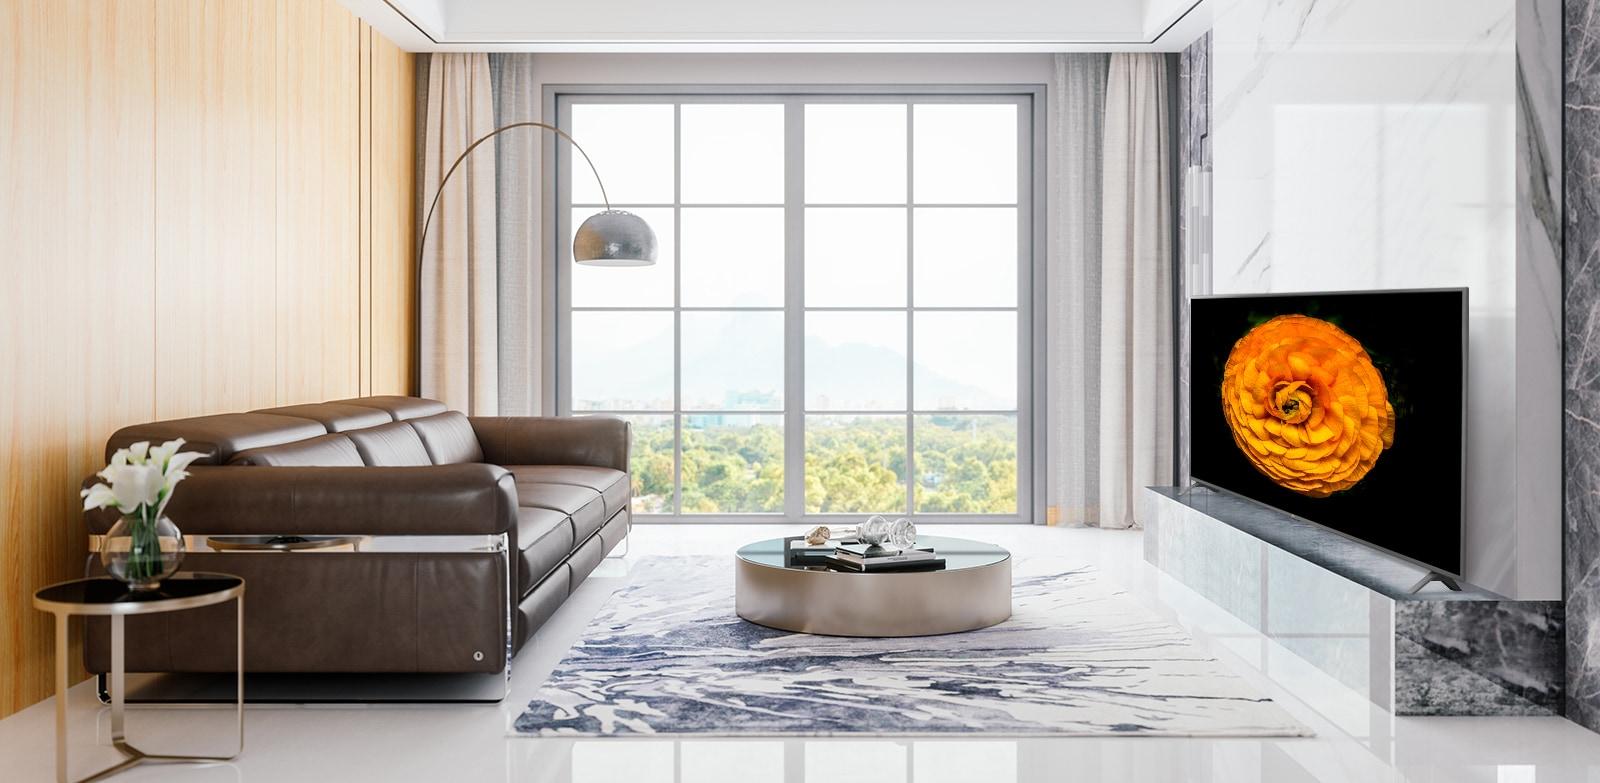 Téléviseur UHD LG placé sur le mur d'un salon présentant une décoration intérieure minimaliste. Écran de téléviseur montrant une image de fleur.